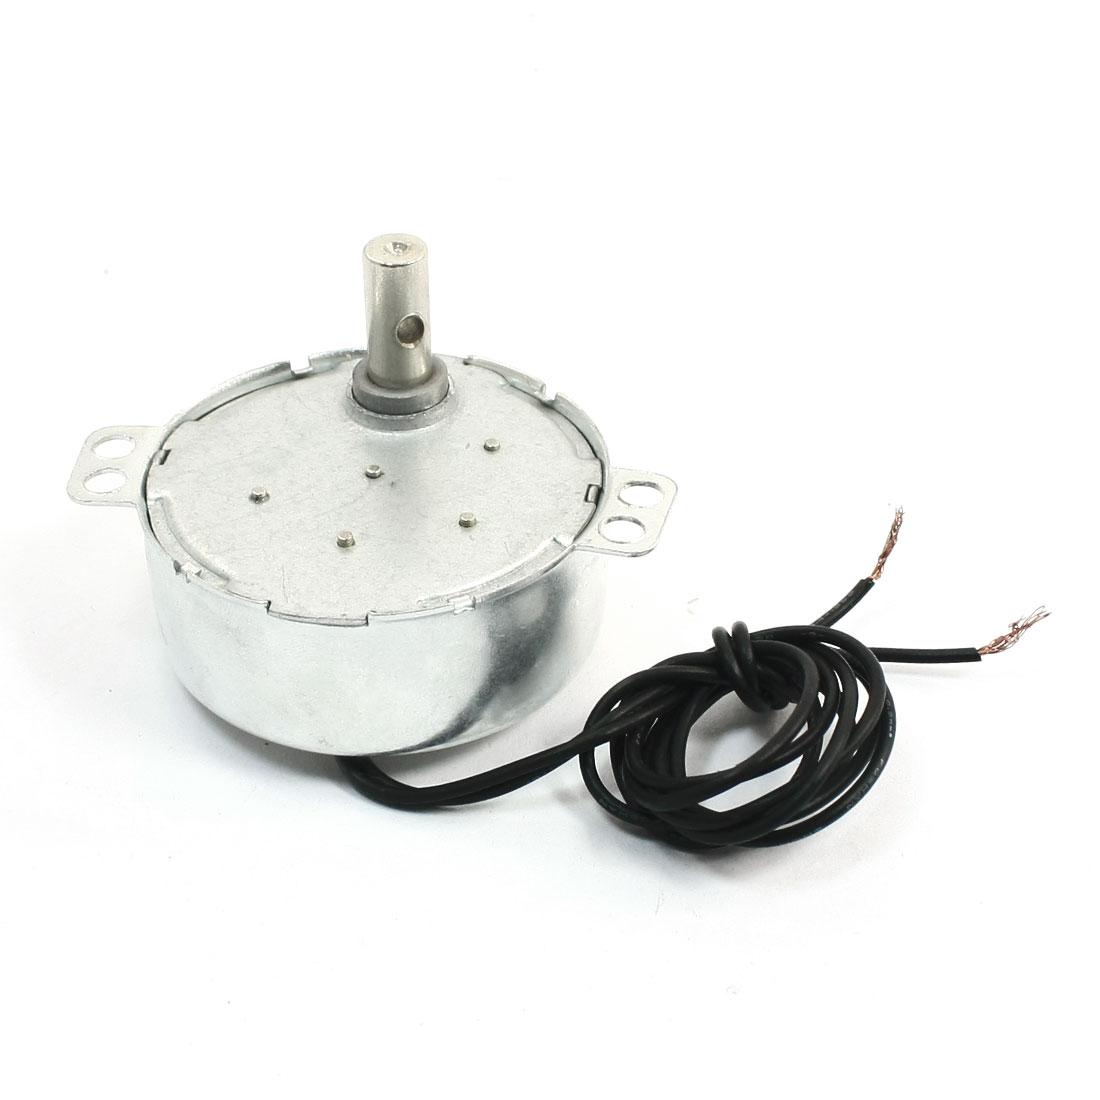 AC 220V-240V 4W 5-6RPM CCW/CW Rotary Synchron Clock Electric Motor